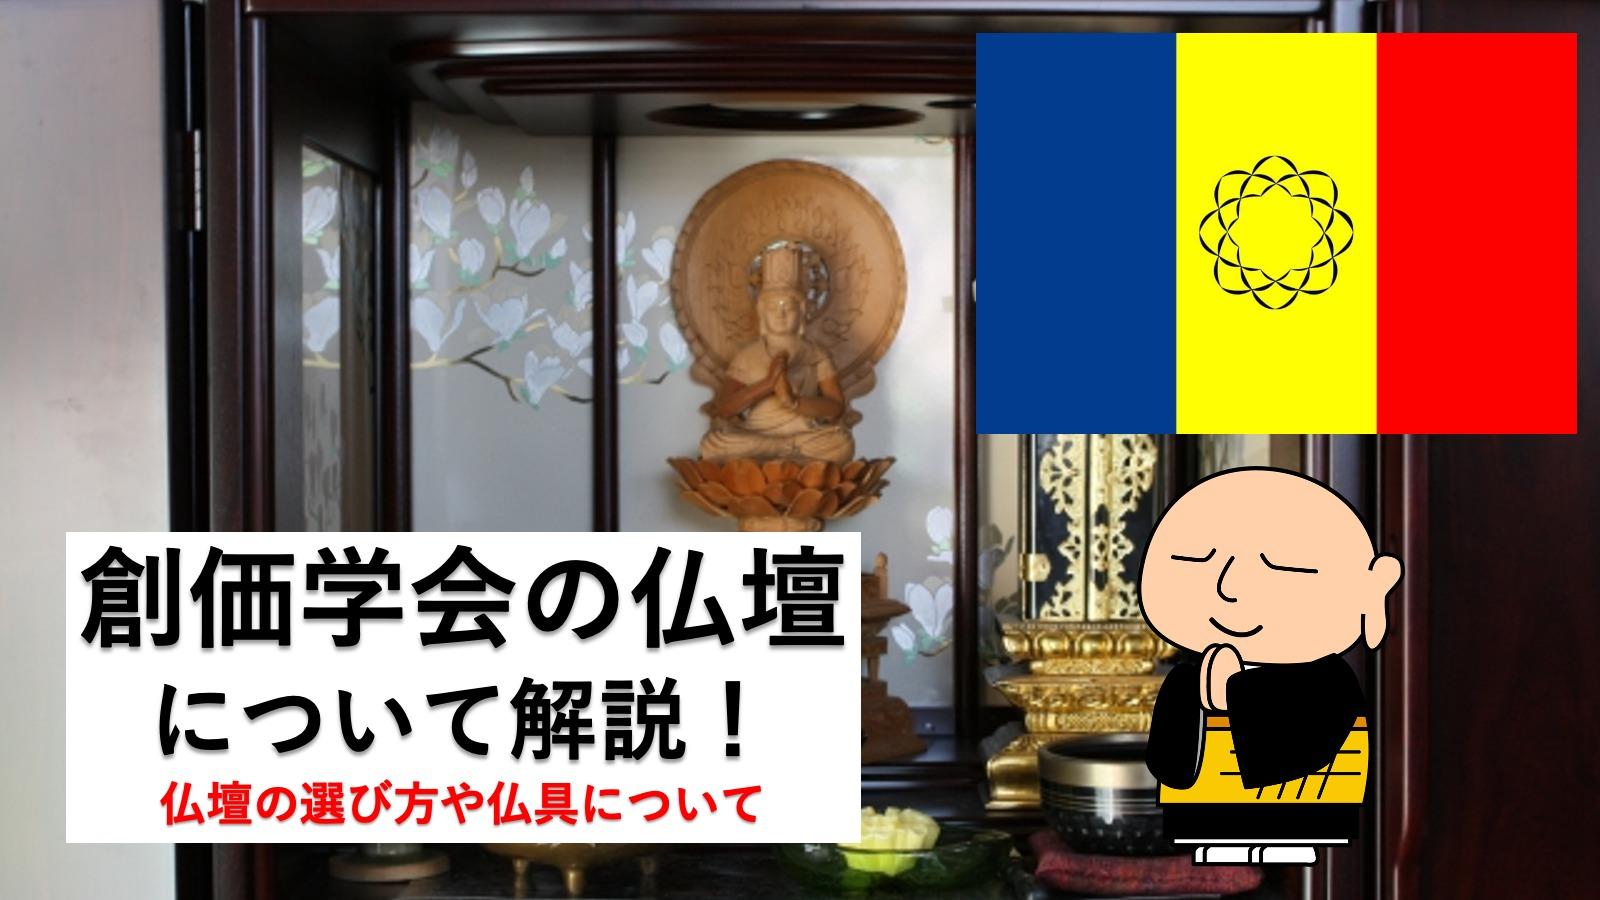 創価学会の仏壇の特徴は?仏壇の選び方や特徴的な仏具を解説!